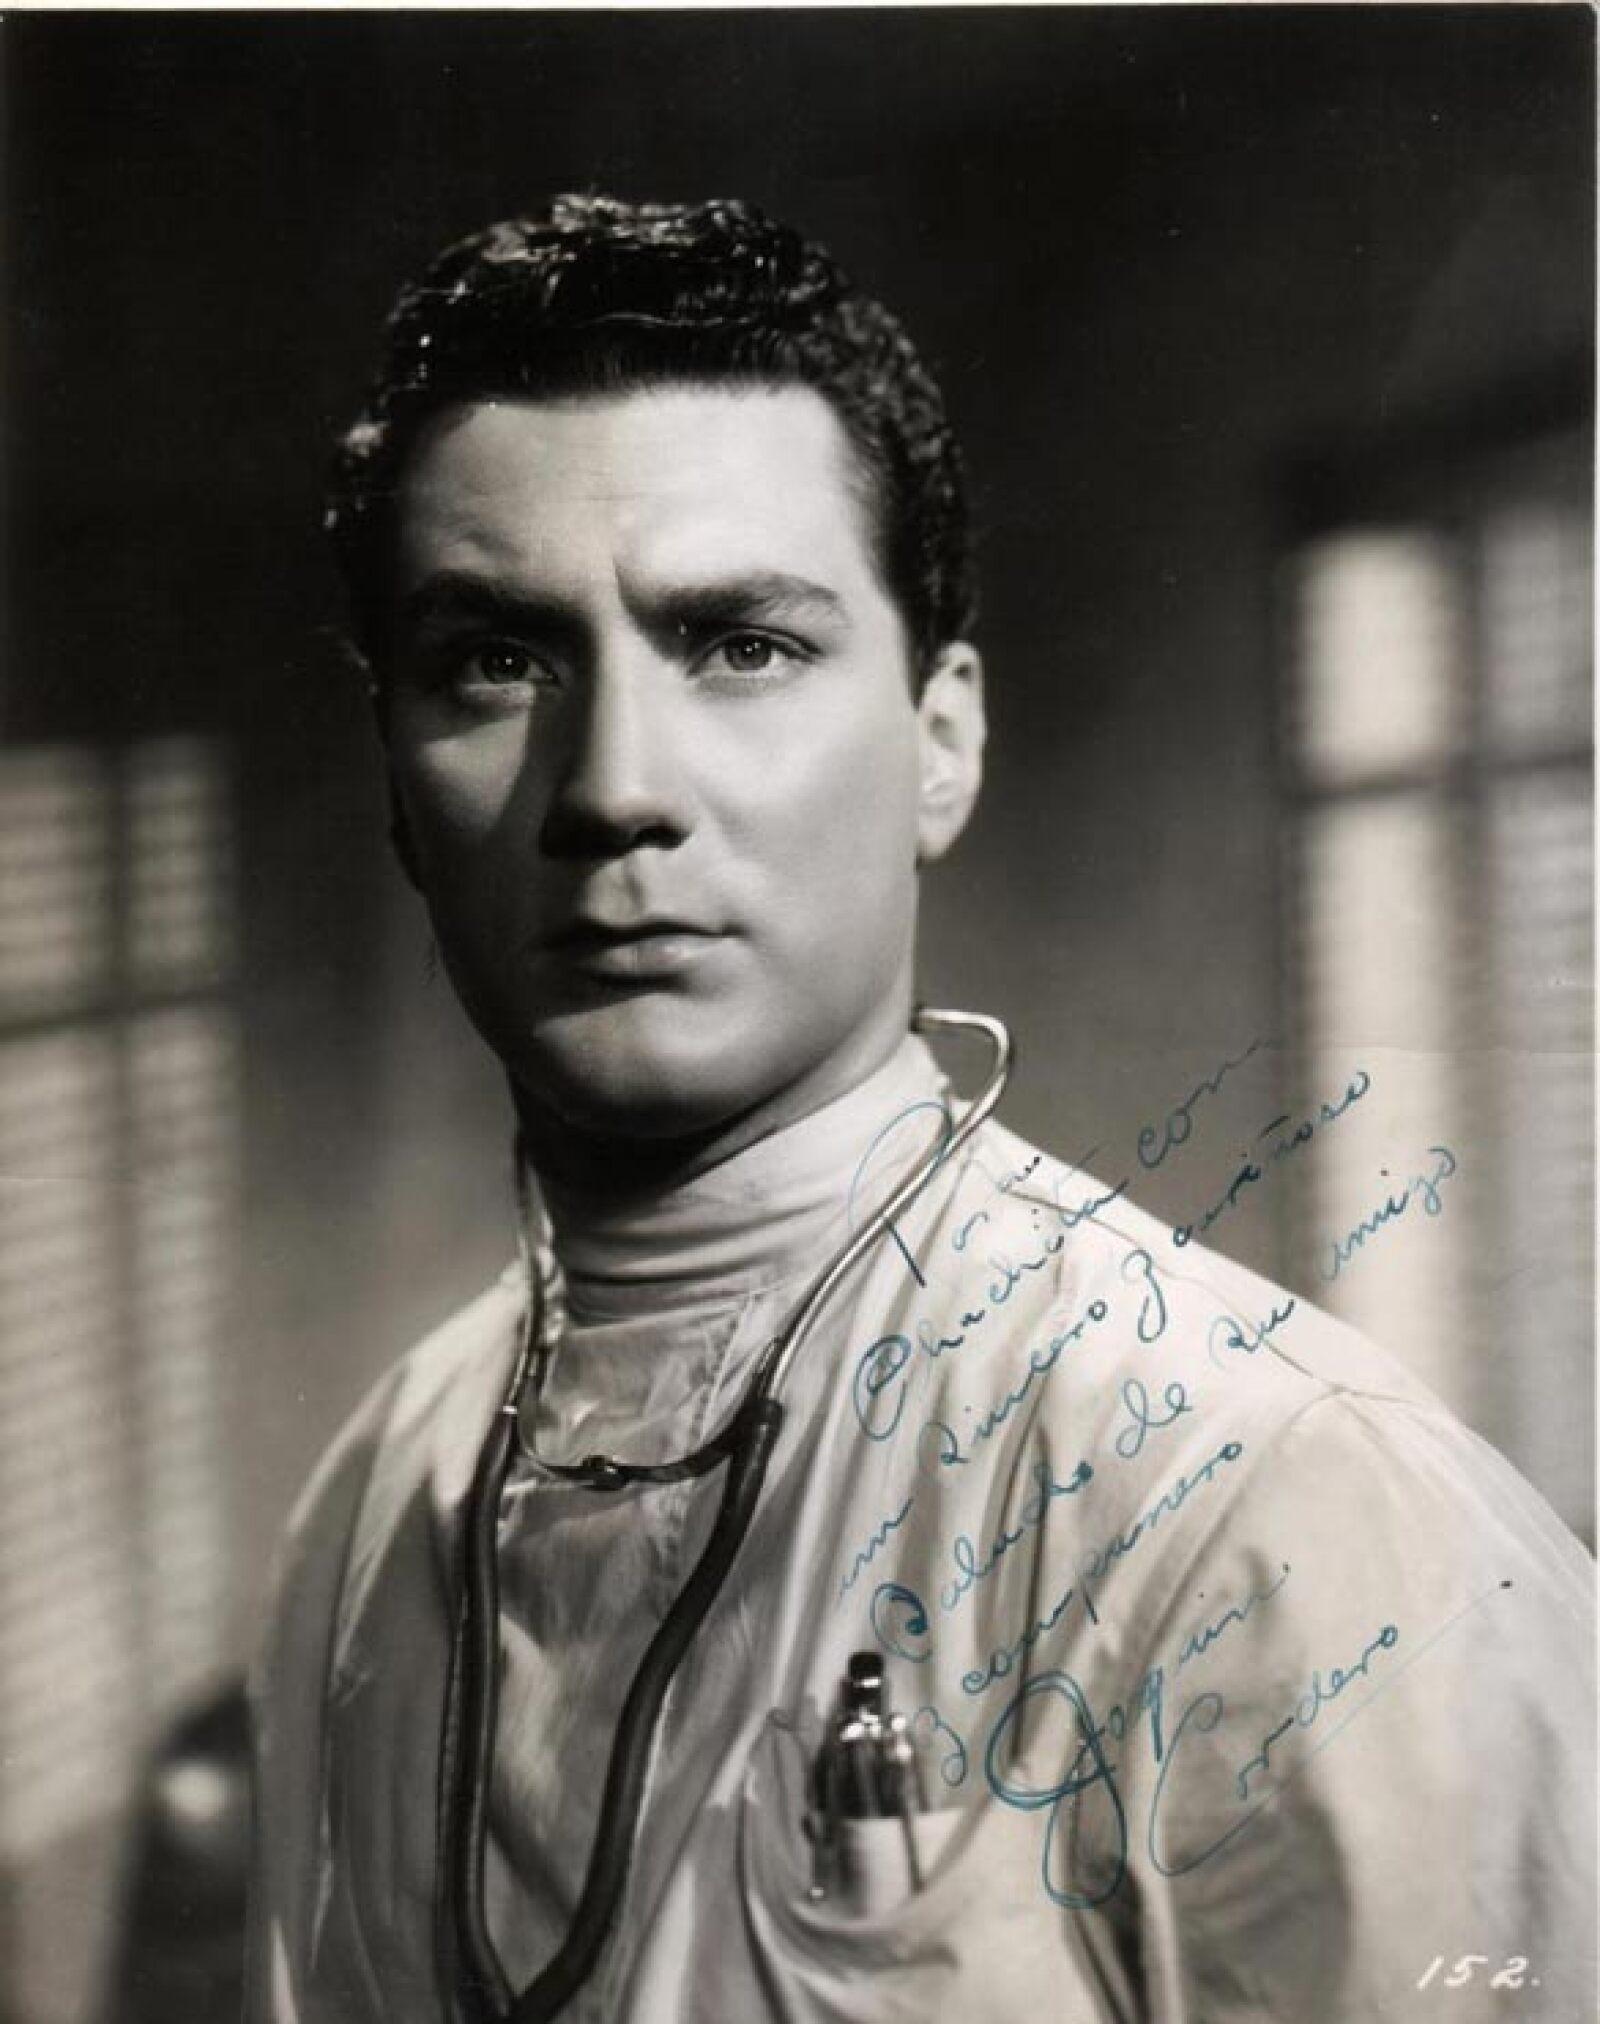 Trabajó en radionovelas e incursionó en el canto, incluso llegó a grabar dos discos; además fue pionero de los teleteatros junto con Manolo Fábregas y Fernando Soler.